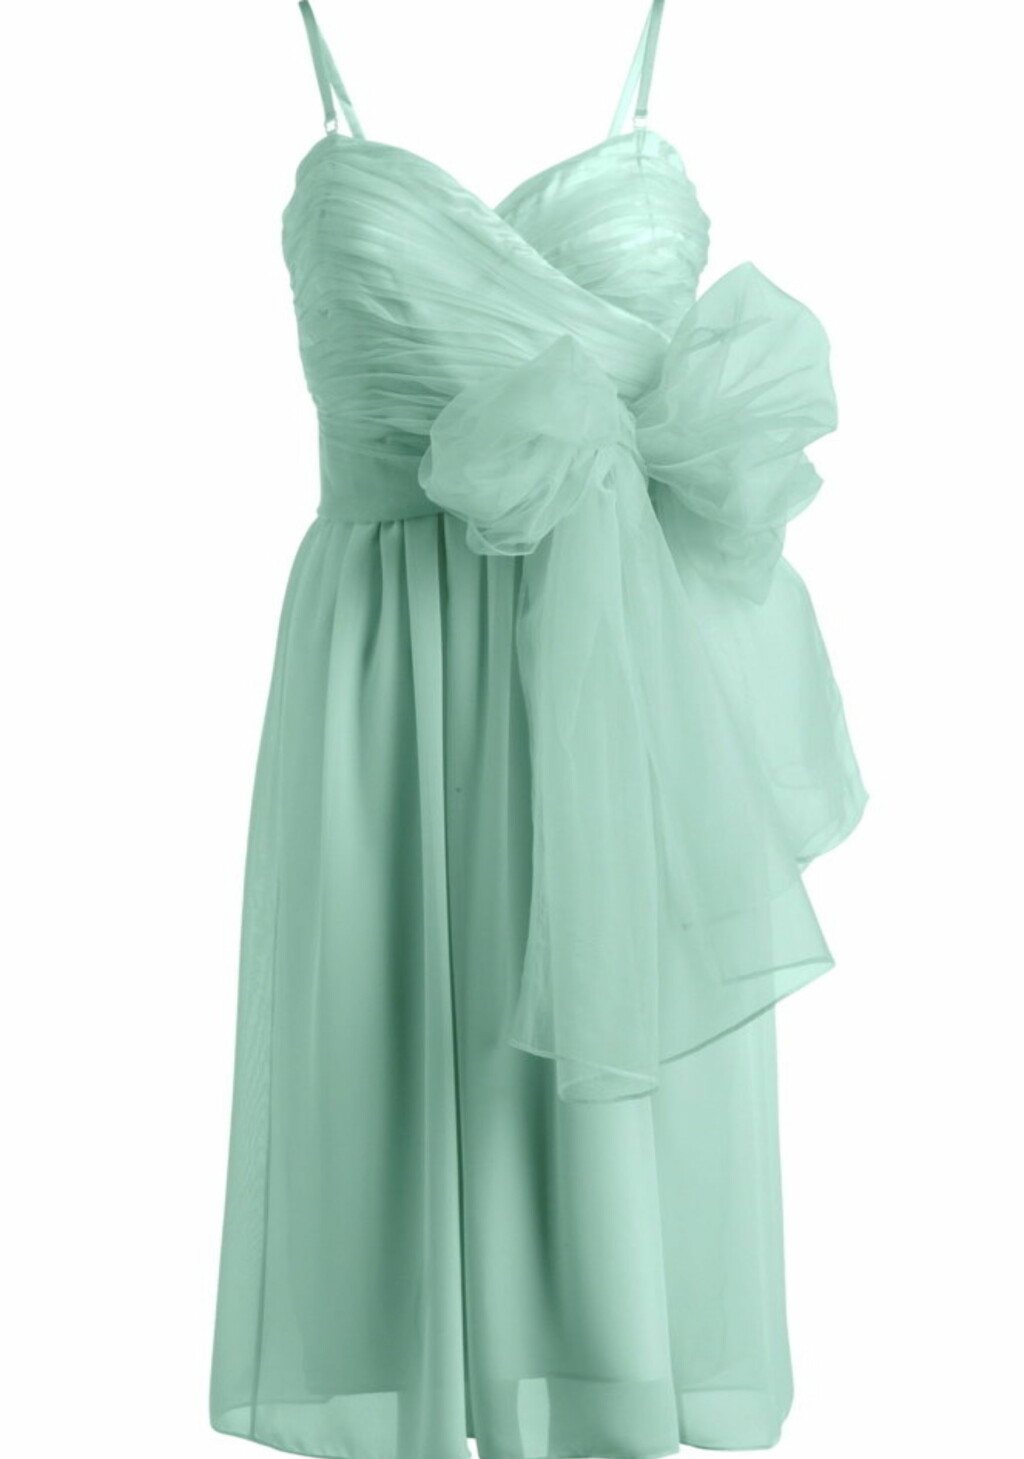 kjole som kan knytes forskjellig